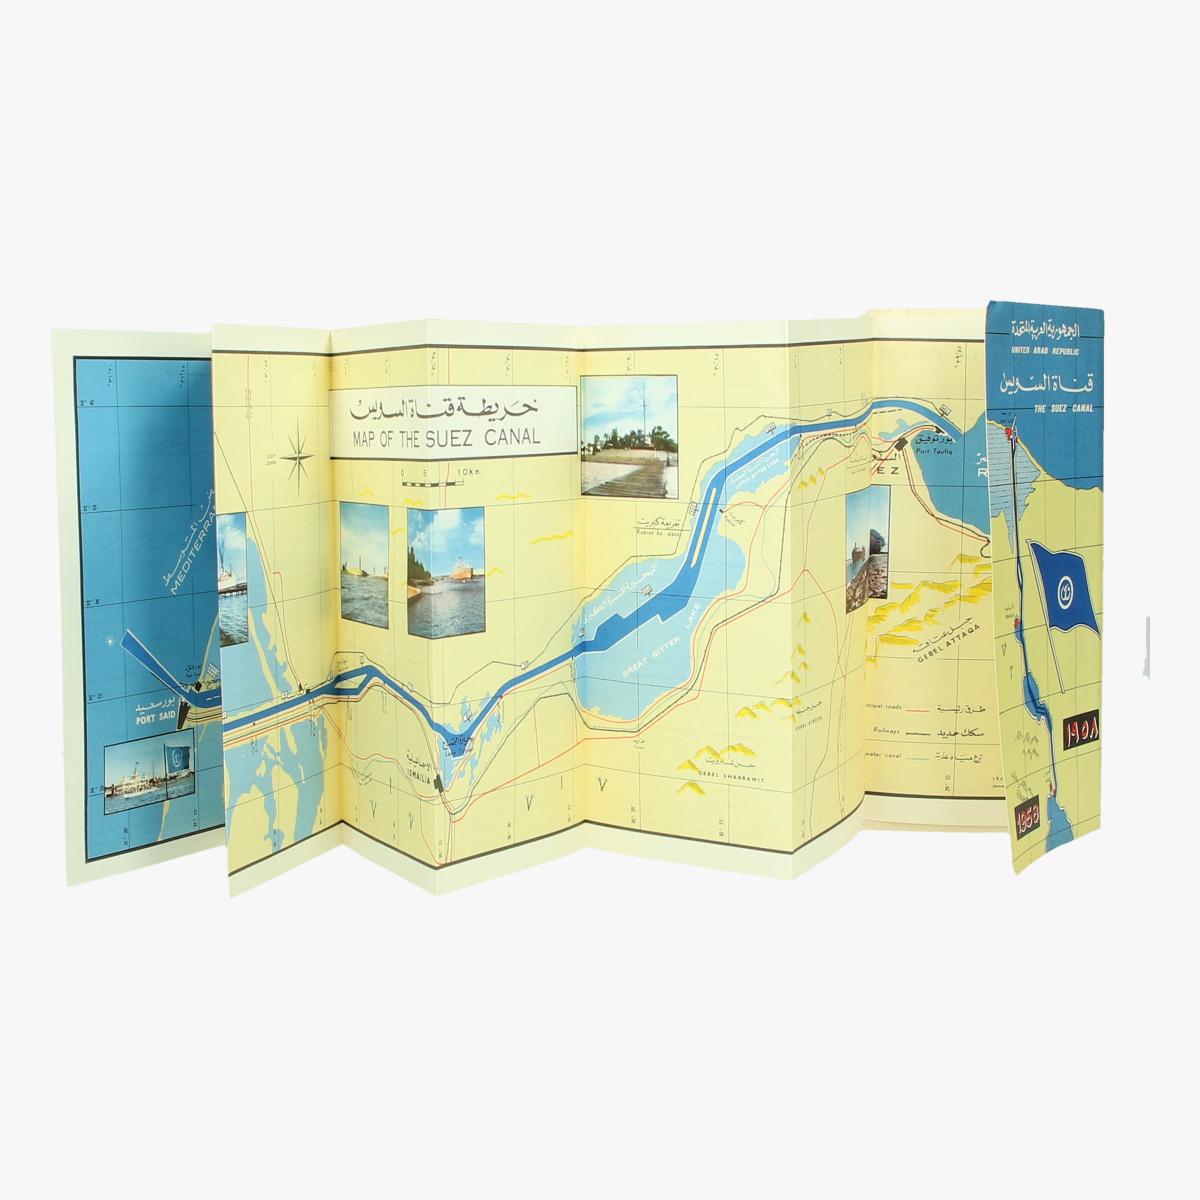 Afbeeldingen van expo 58  folder met kaart united arab republic the seuz canal